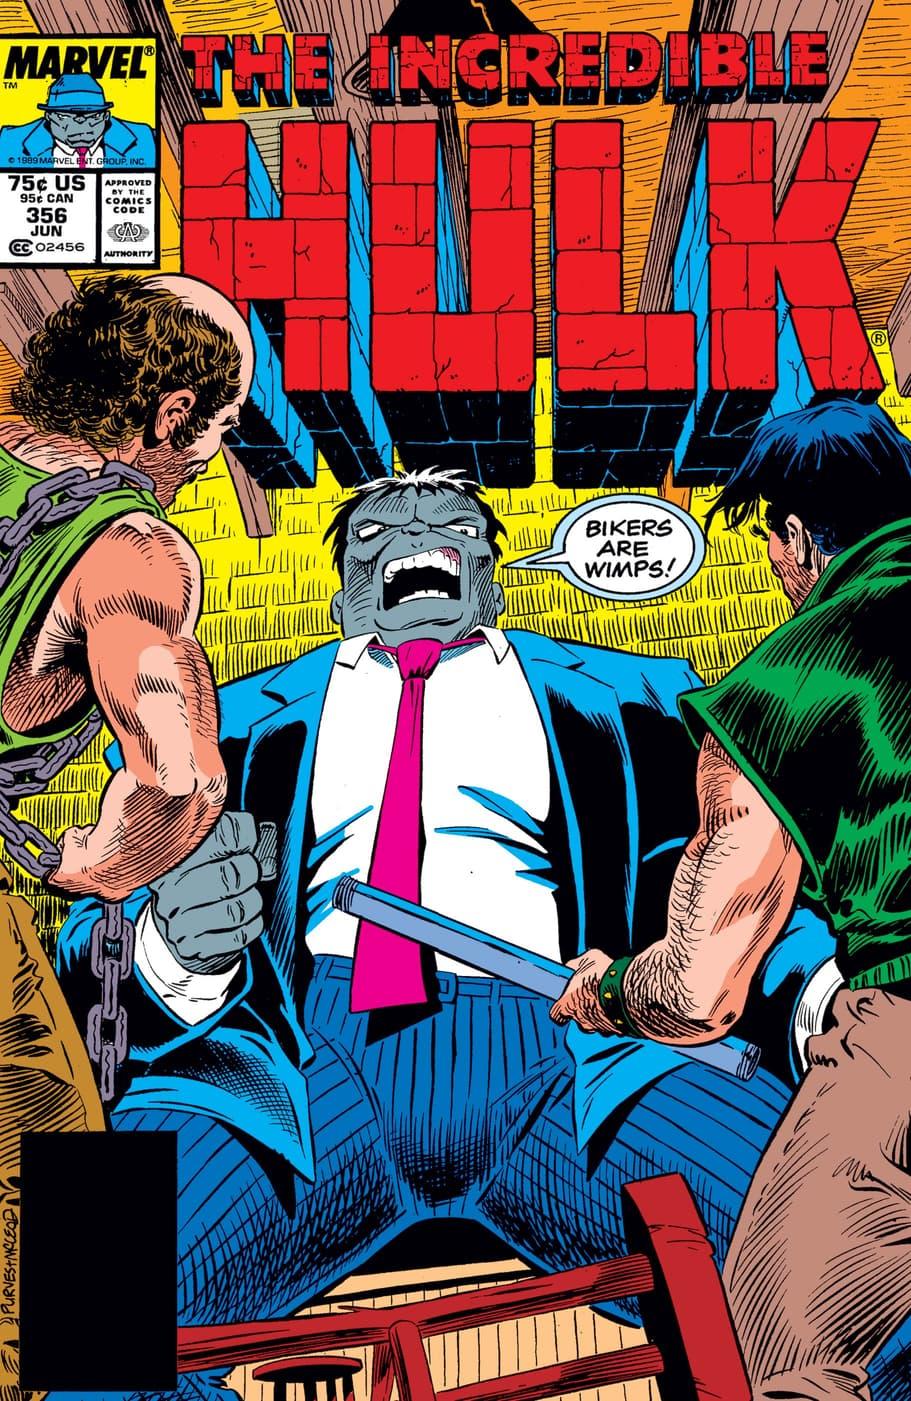 Incredible Hulk (1962) #356